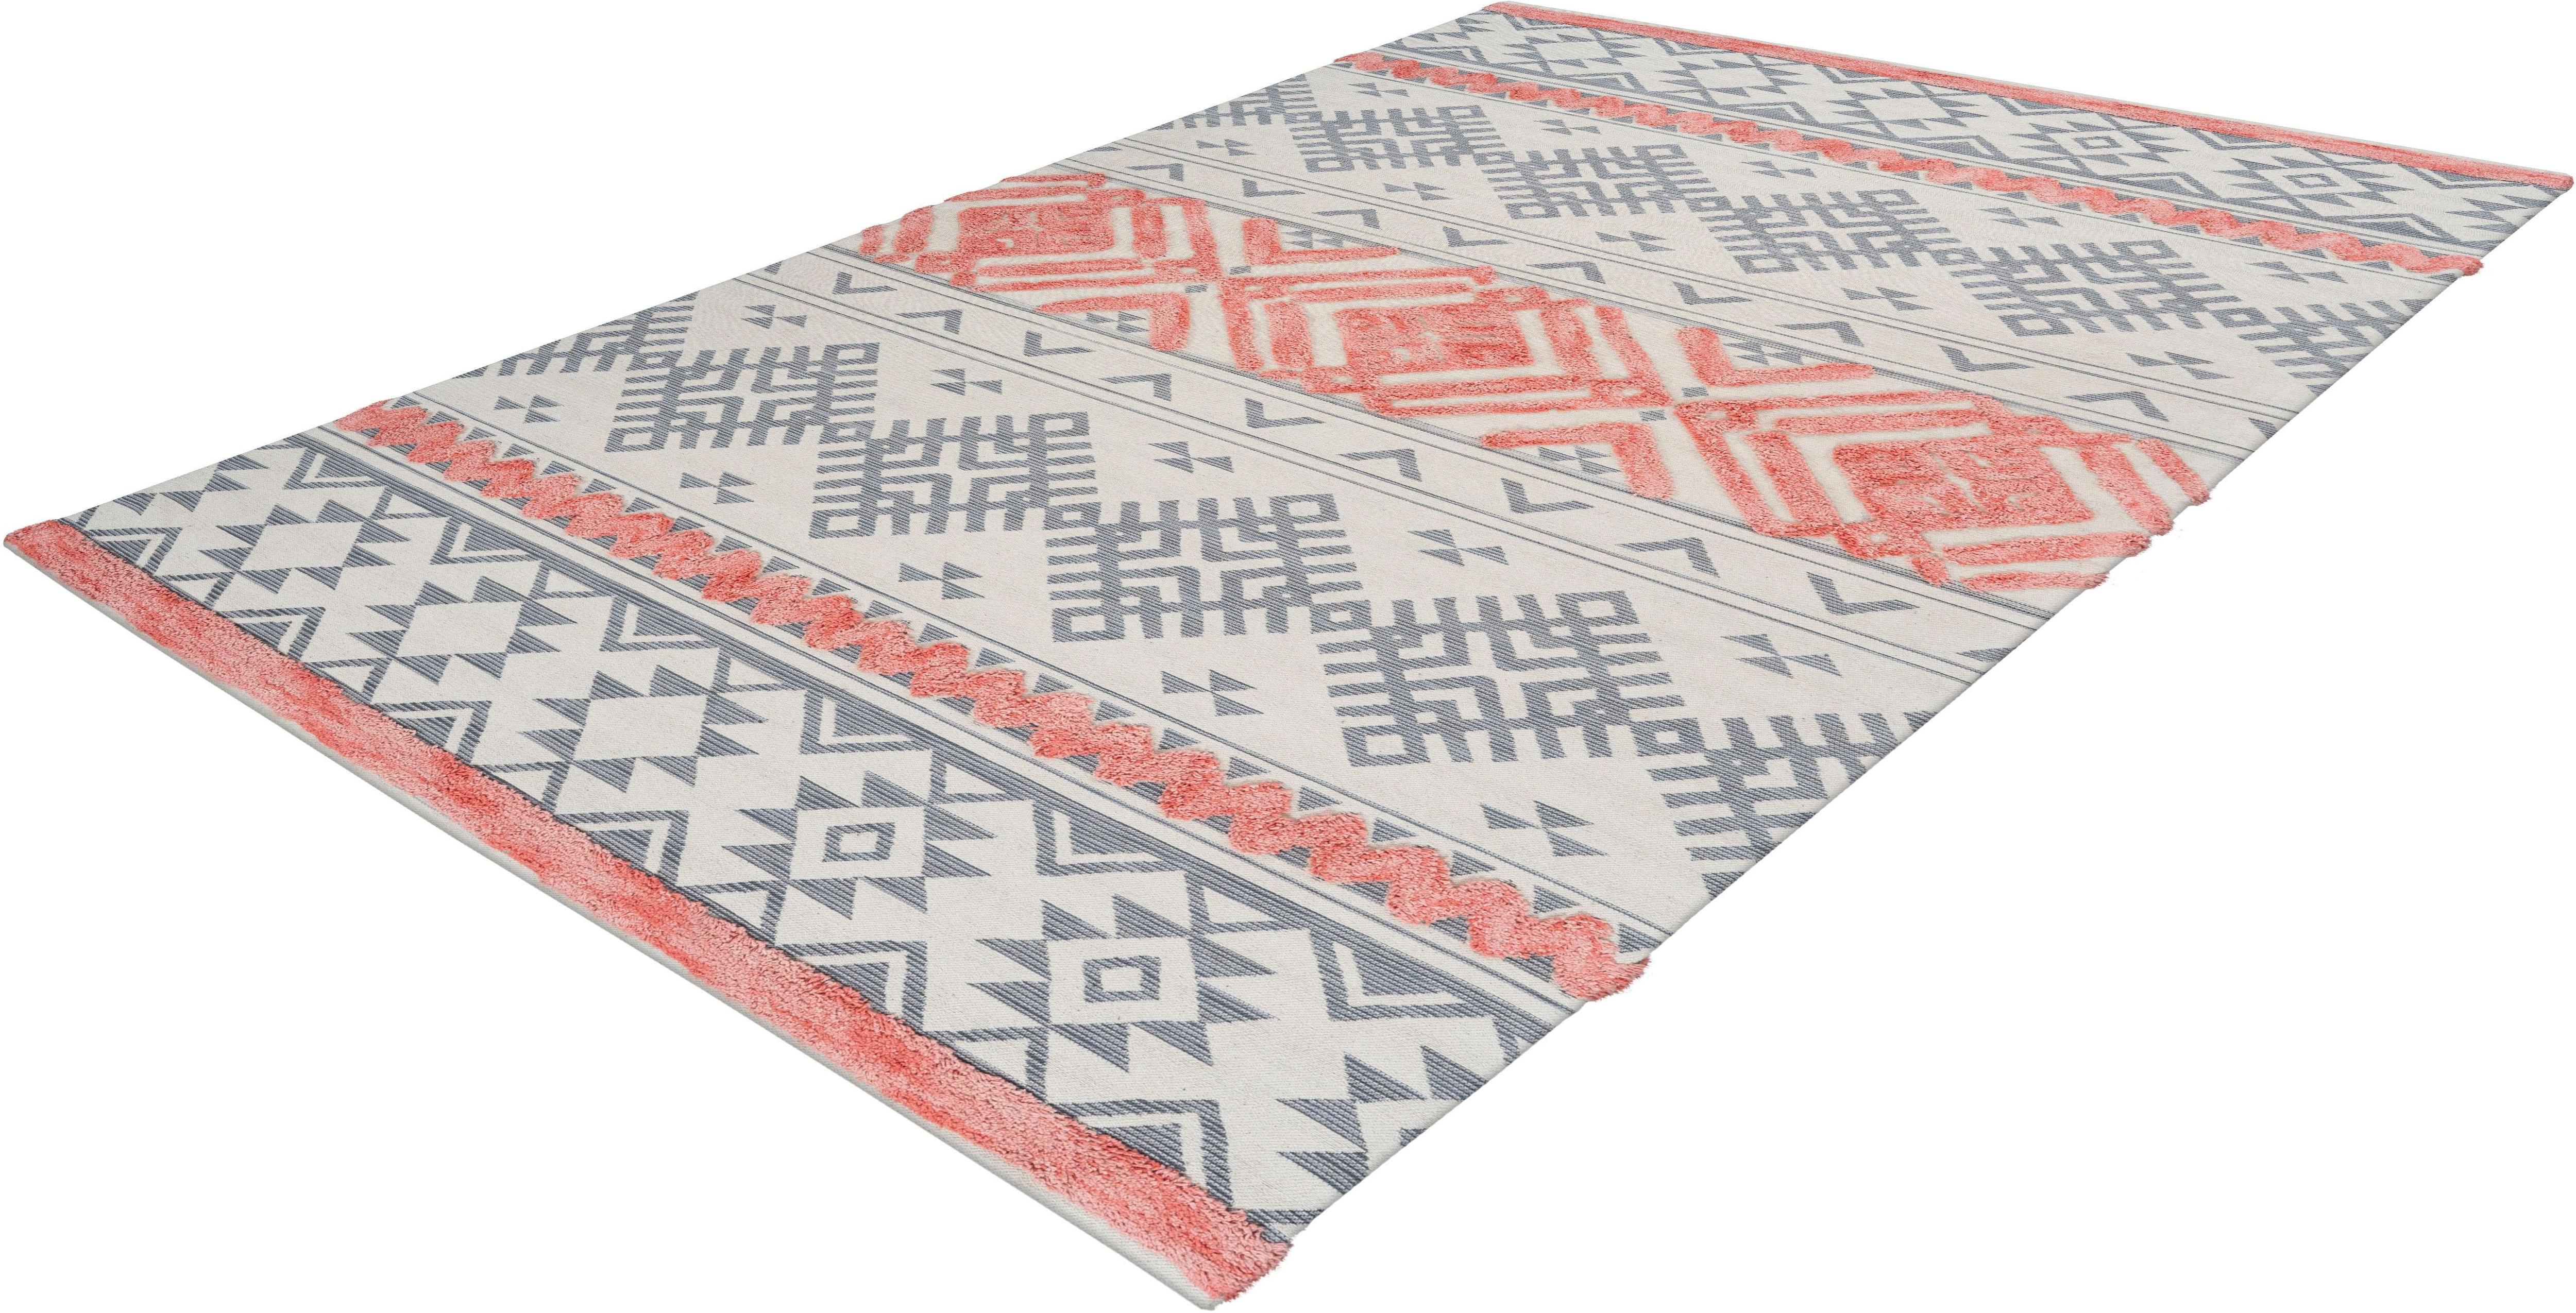 Teppich Kibo 512 calo-deluxe rechteckig Höhe 10 mm maschinell gewebt